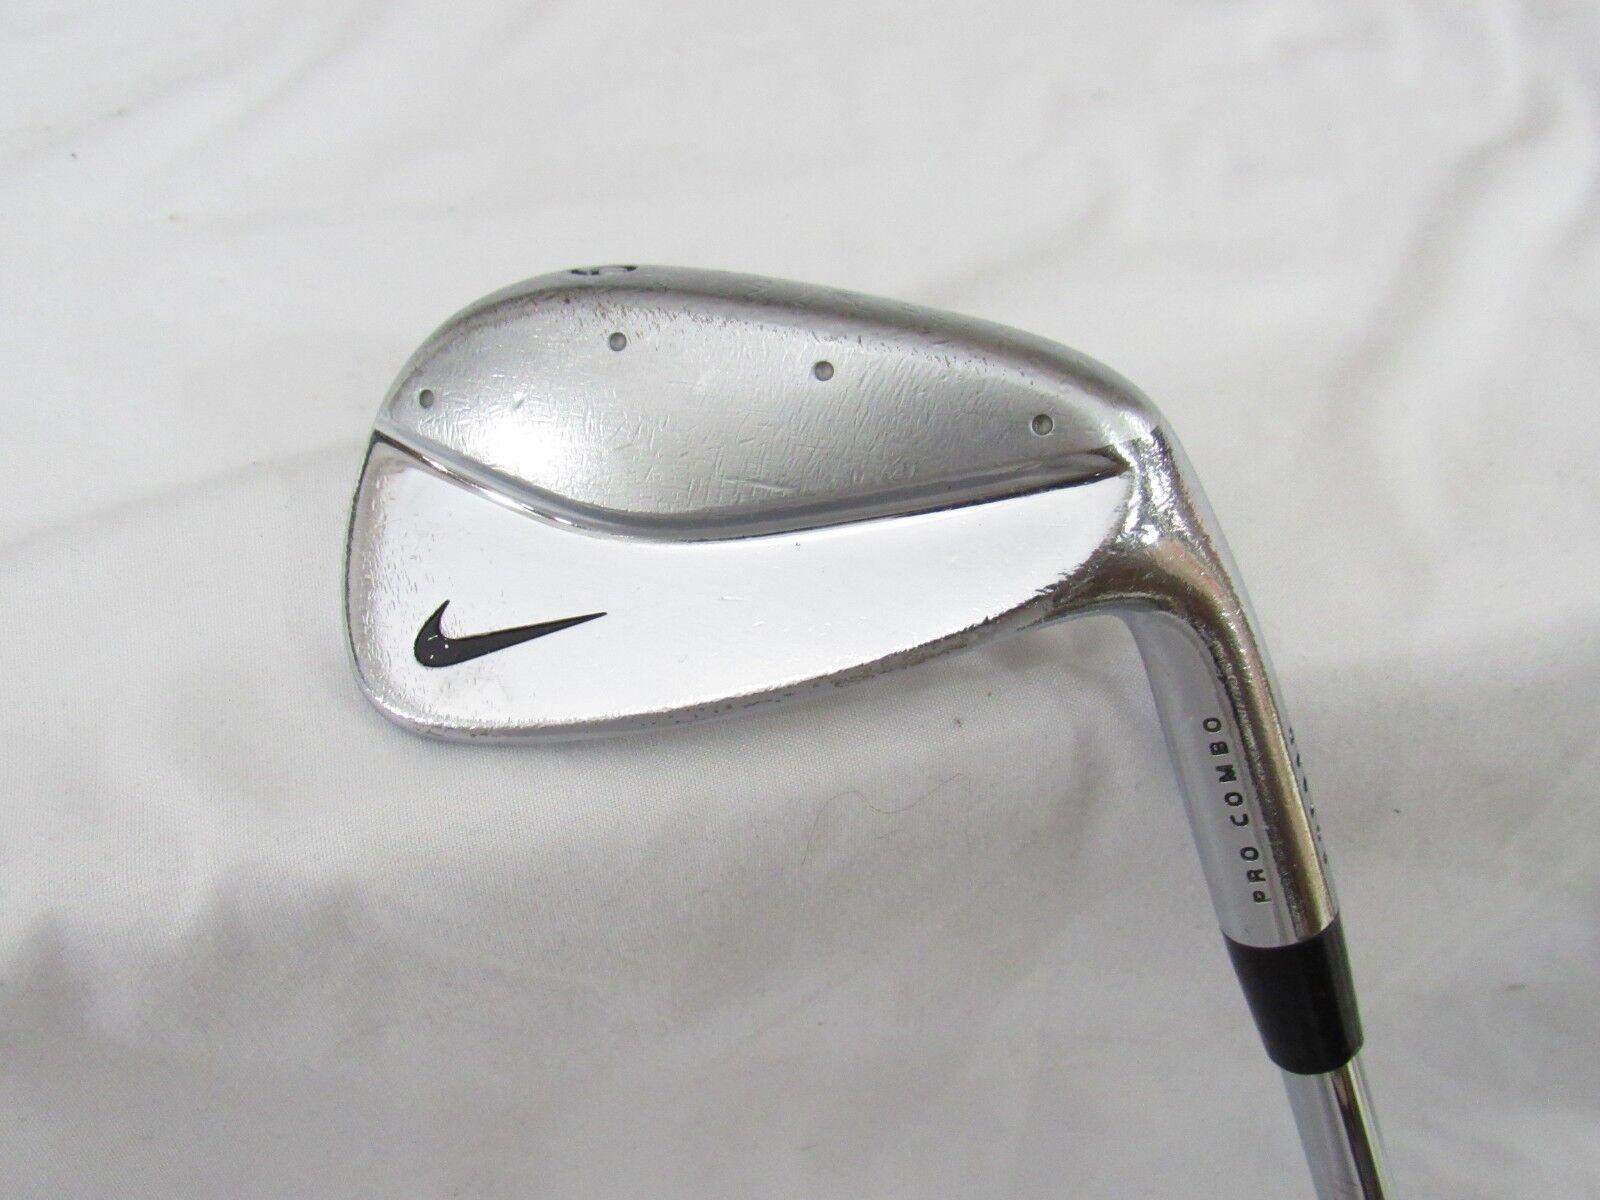 Nike Pro Combo De Hierro Forjado solo 9-Proyecto X 5.5 firme Flex acero utilizado mano derecha